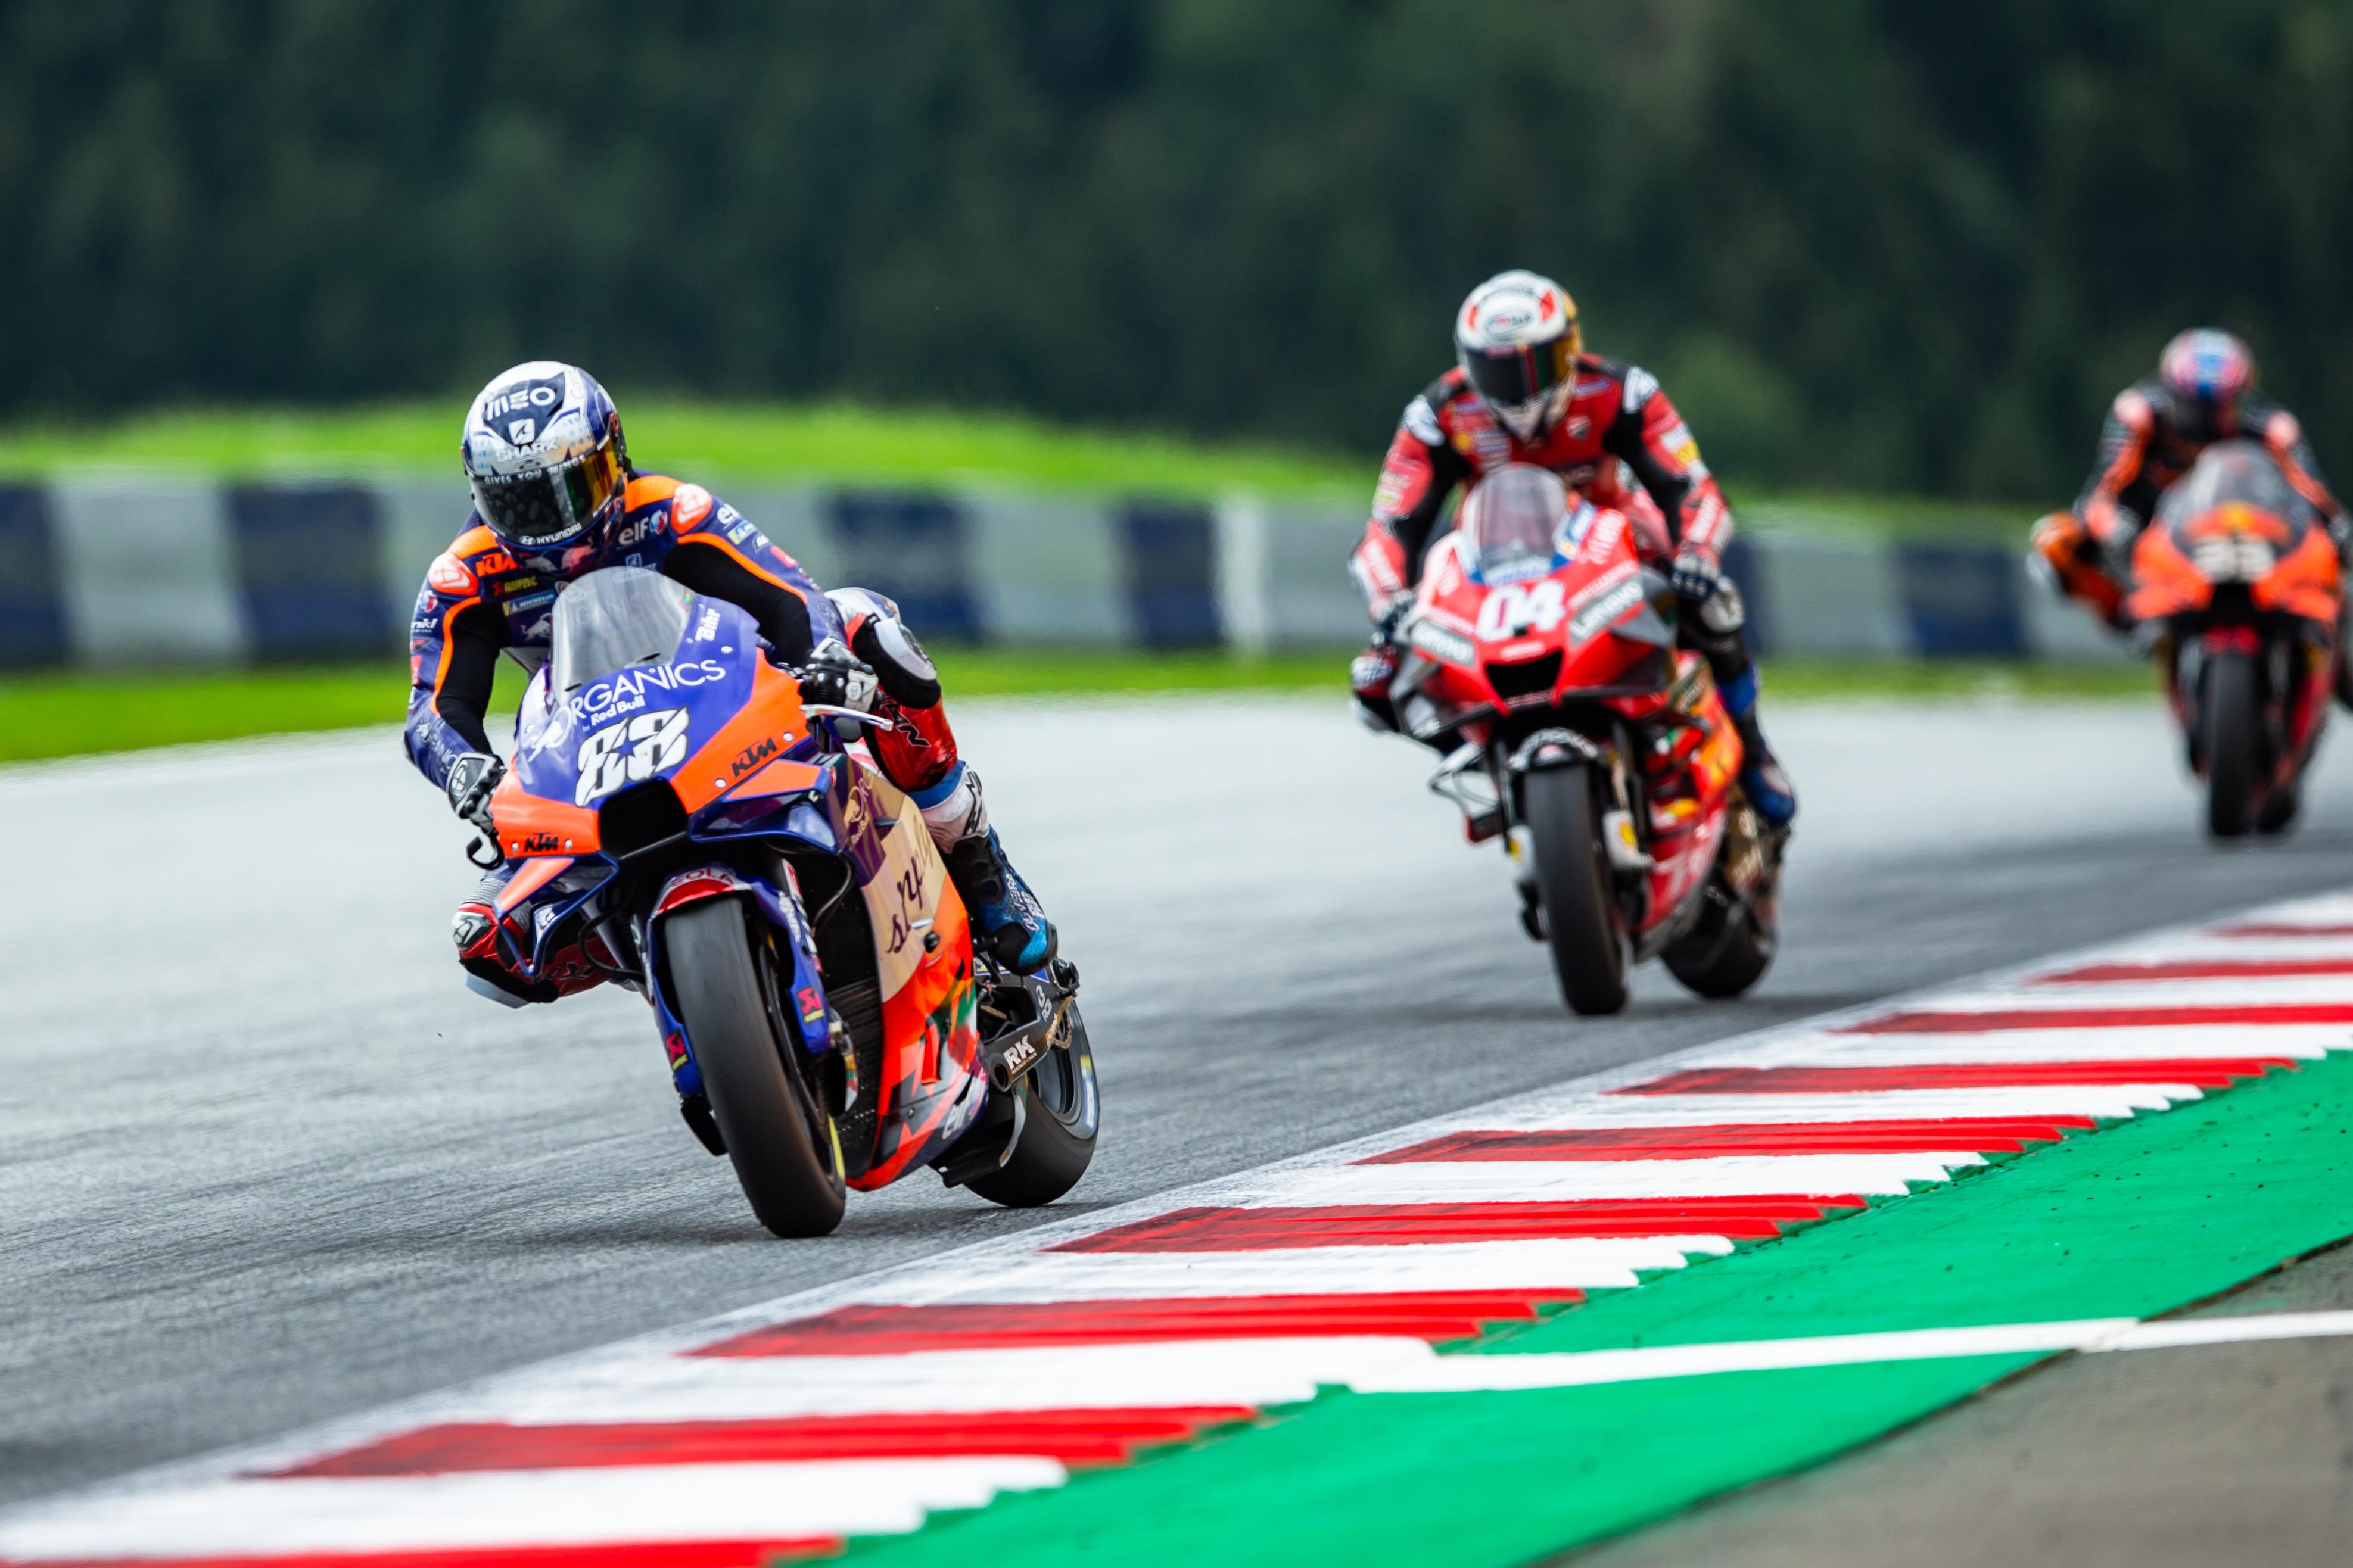 MOTOGP | Miguel Oliveira faz história ao alcançar a primeira vitória no campeonato do mundo de MotoGP 4